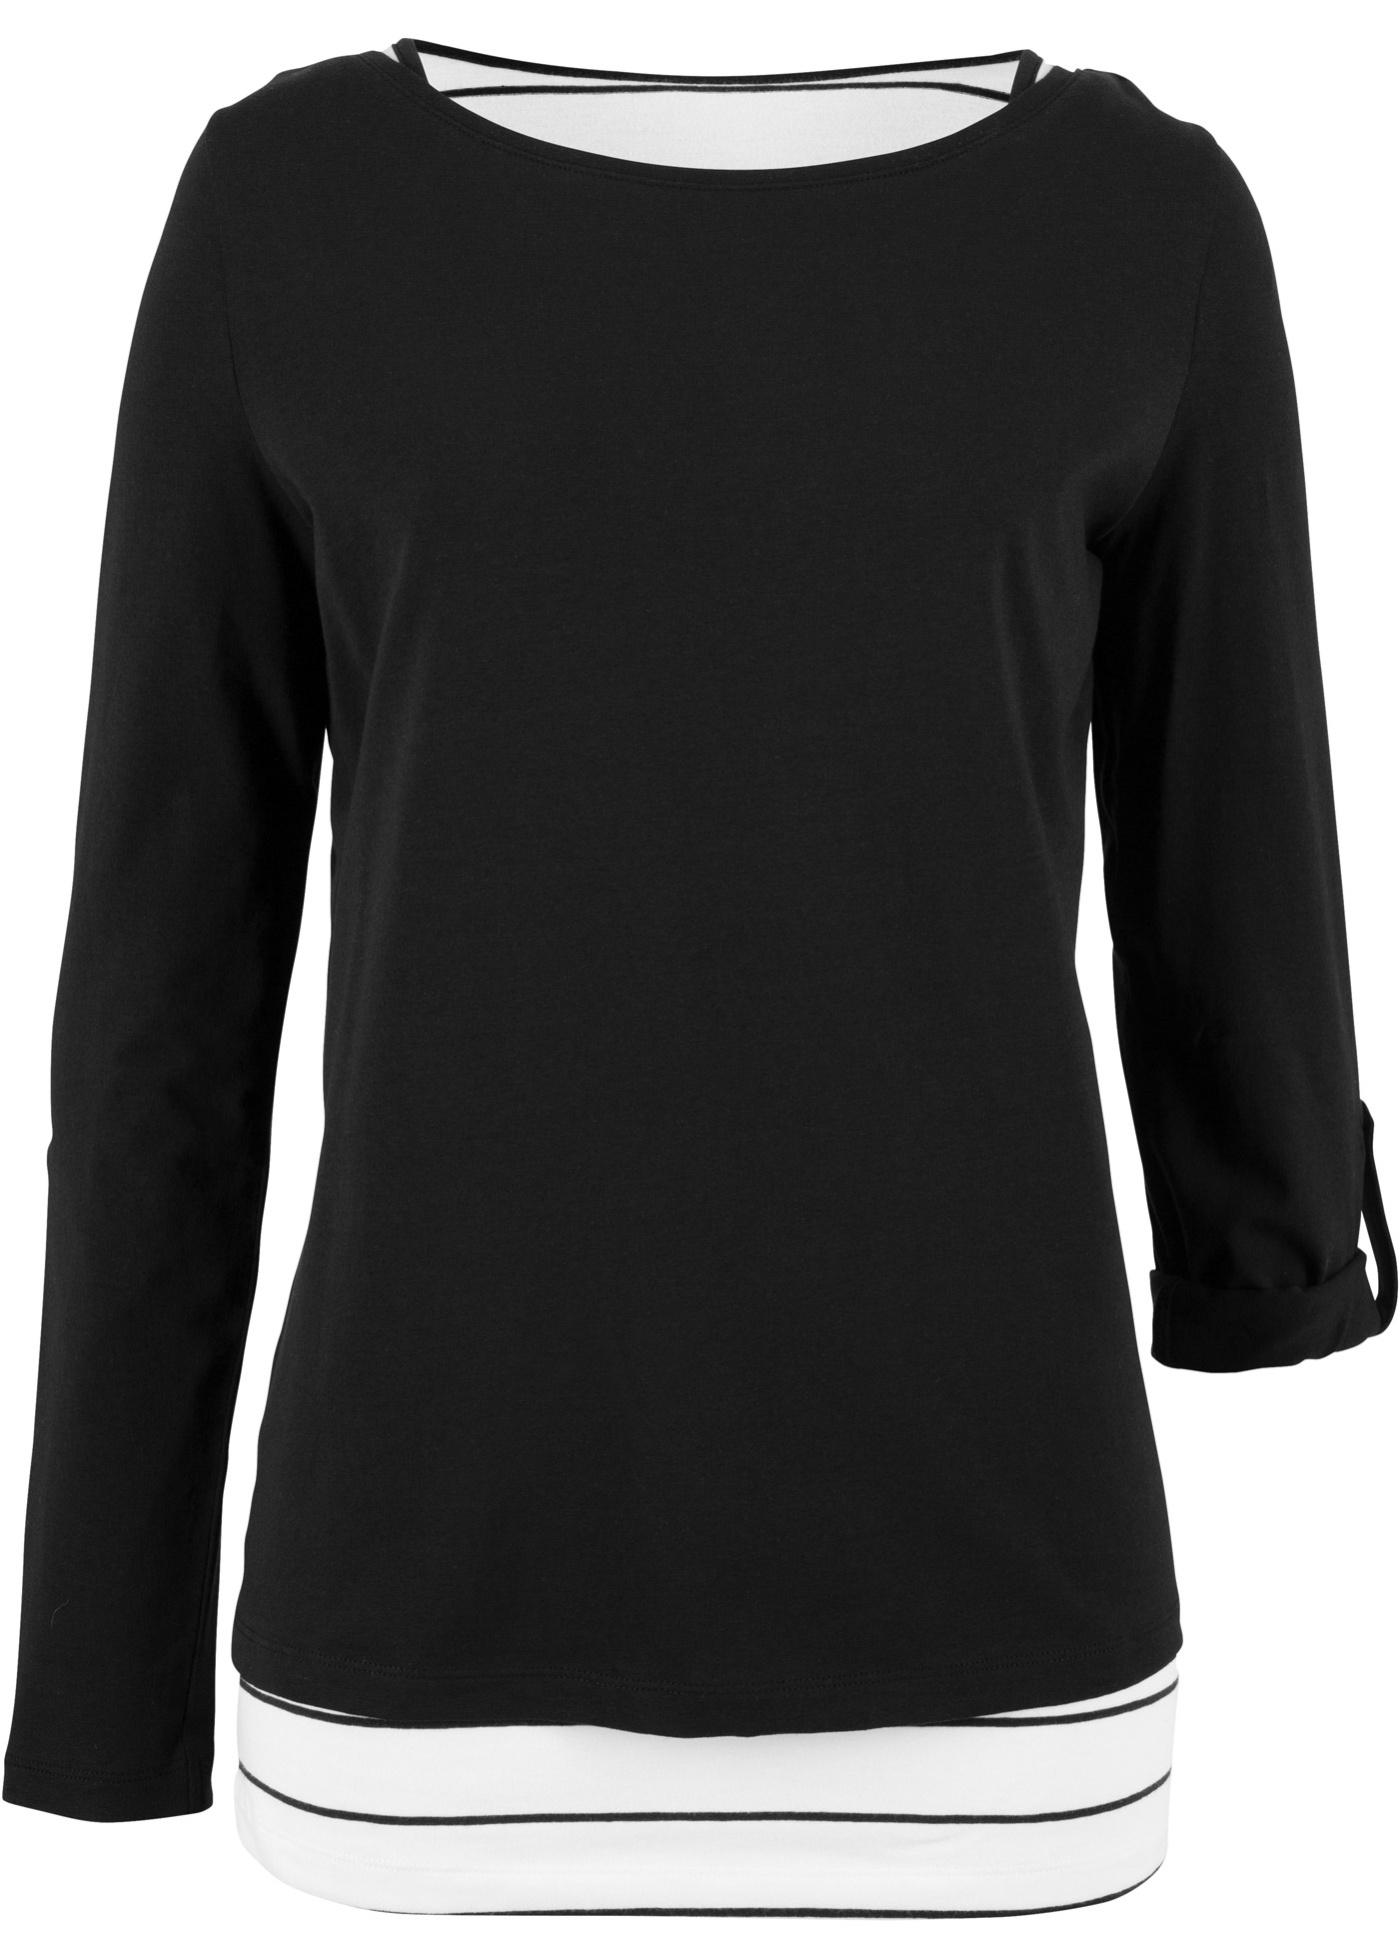 Noir Bpc Style Bonprix shirt Manches Double Épaisseur Pour CollectionT Longues Femme YgbI7yvf6